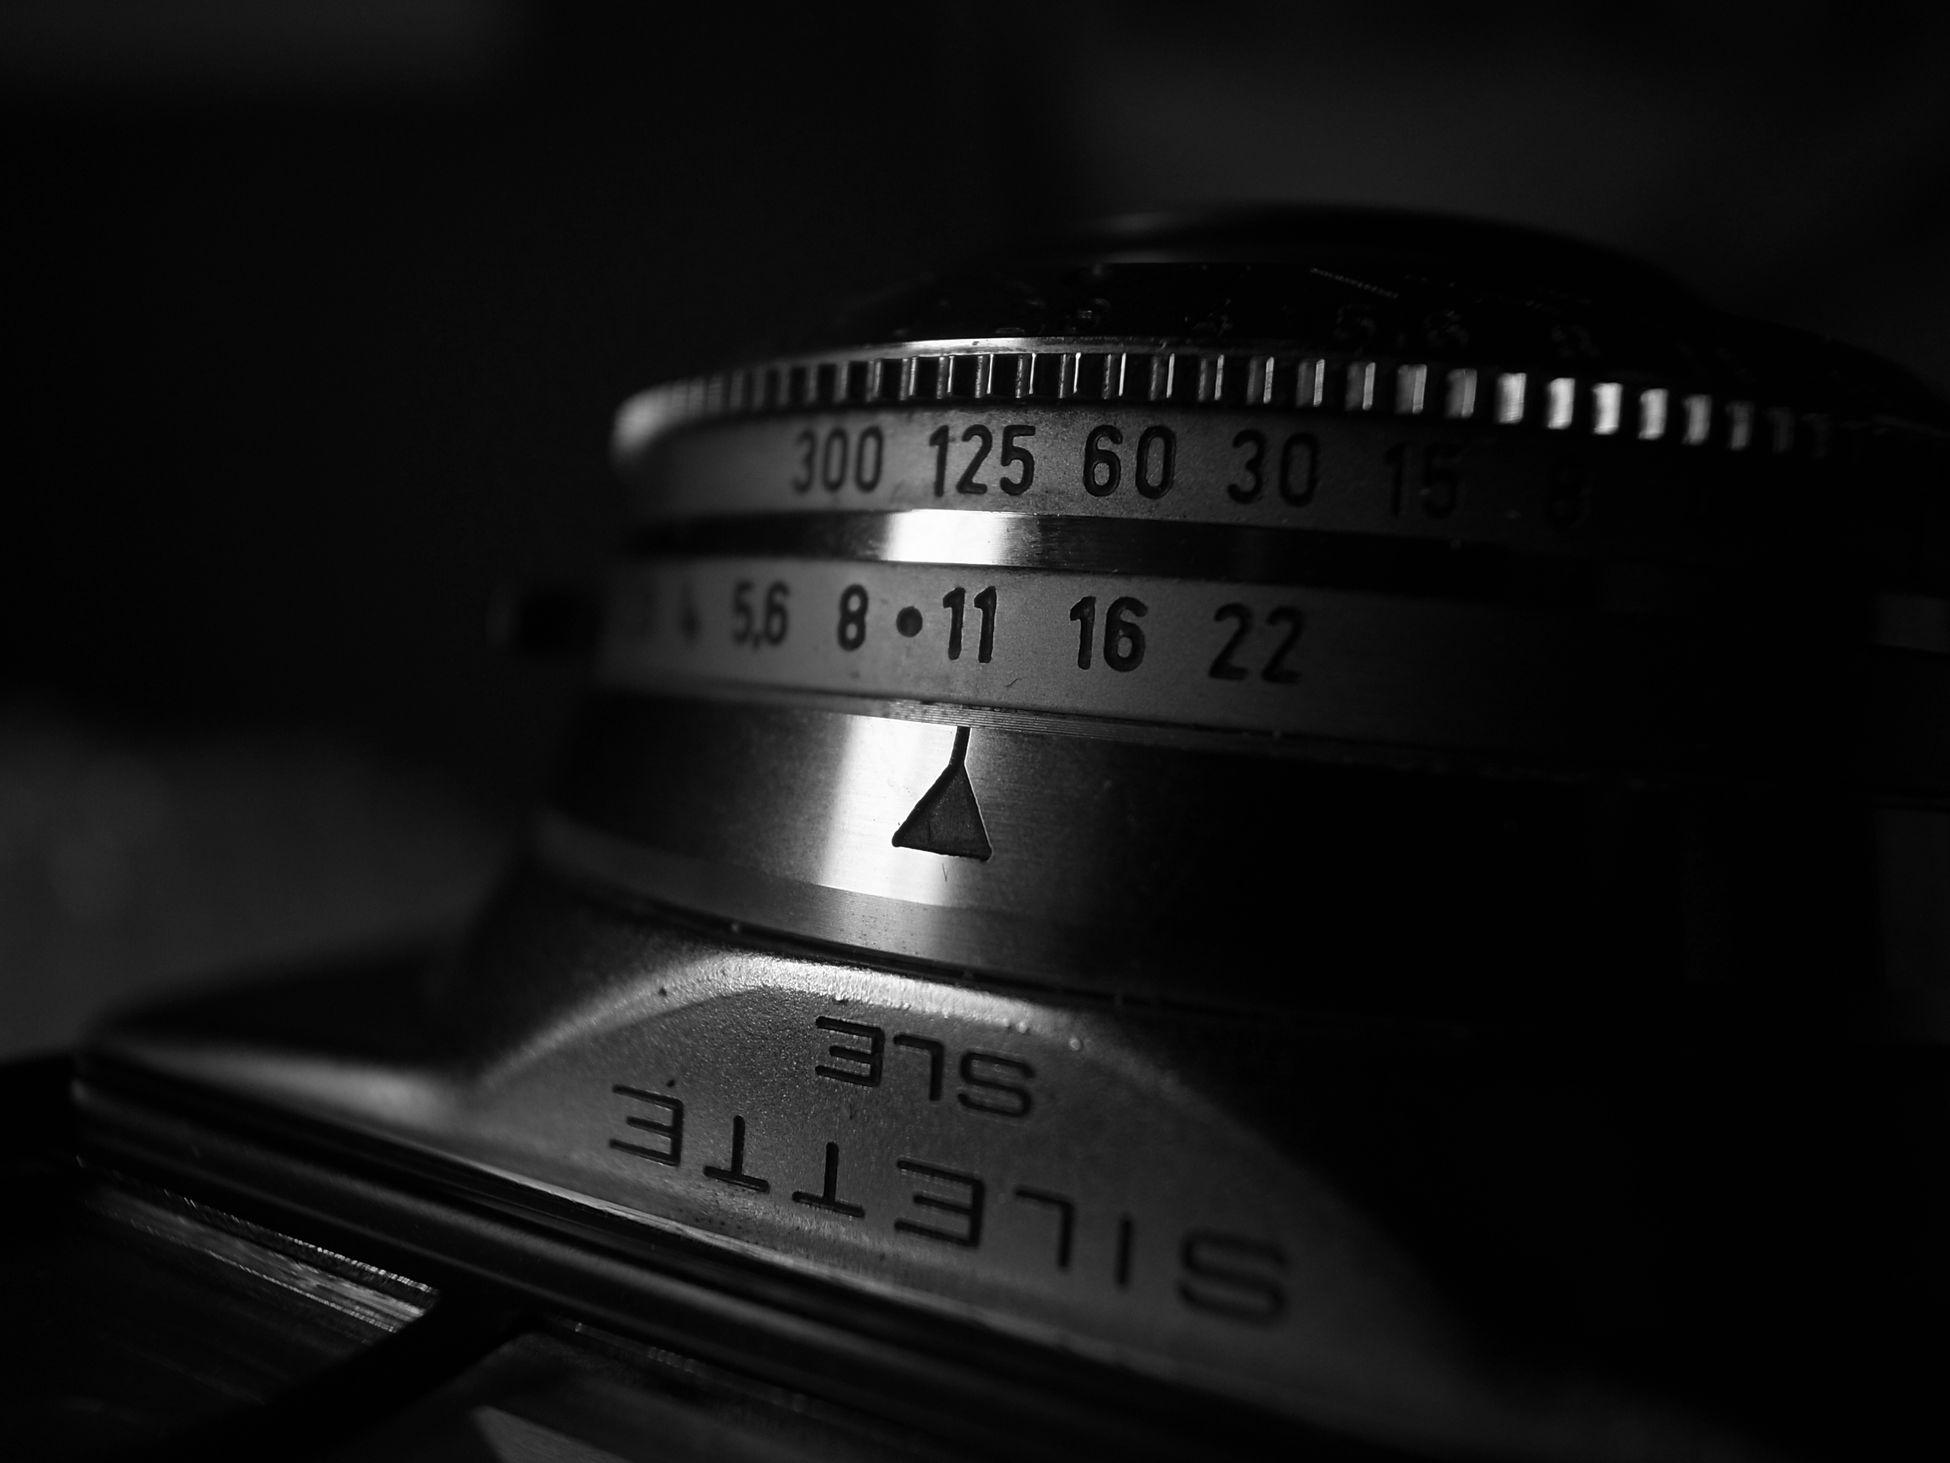 まぁジャンク品だけれど、どうにか写せると言っていた店のおじさんを信じて、新しい世界を楽しもうと思ってます📷✨ちなみにコレは1960年製のドイツのカメラです📷 Agfa Agfa Silette SLE Agfasilette フィルム カメラ Hello World NEW WORLD  Film Camera Black And White Monochrome Textures And Surfaces Textured  Details Macro Macro Photography Light And Shadow Light In The Darkness EyeEm Best Shots EyeEm Best Shots - Black + White taken with Ricoh GRD III